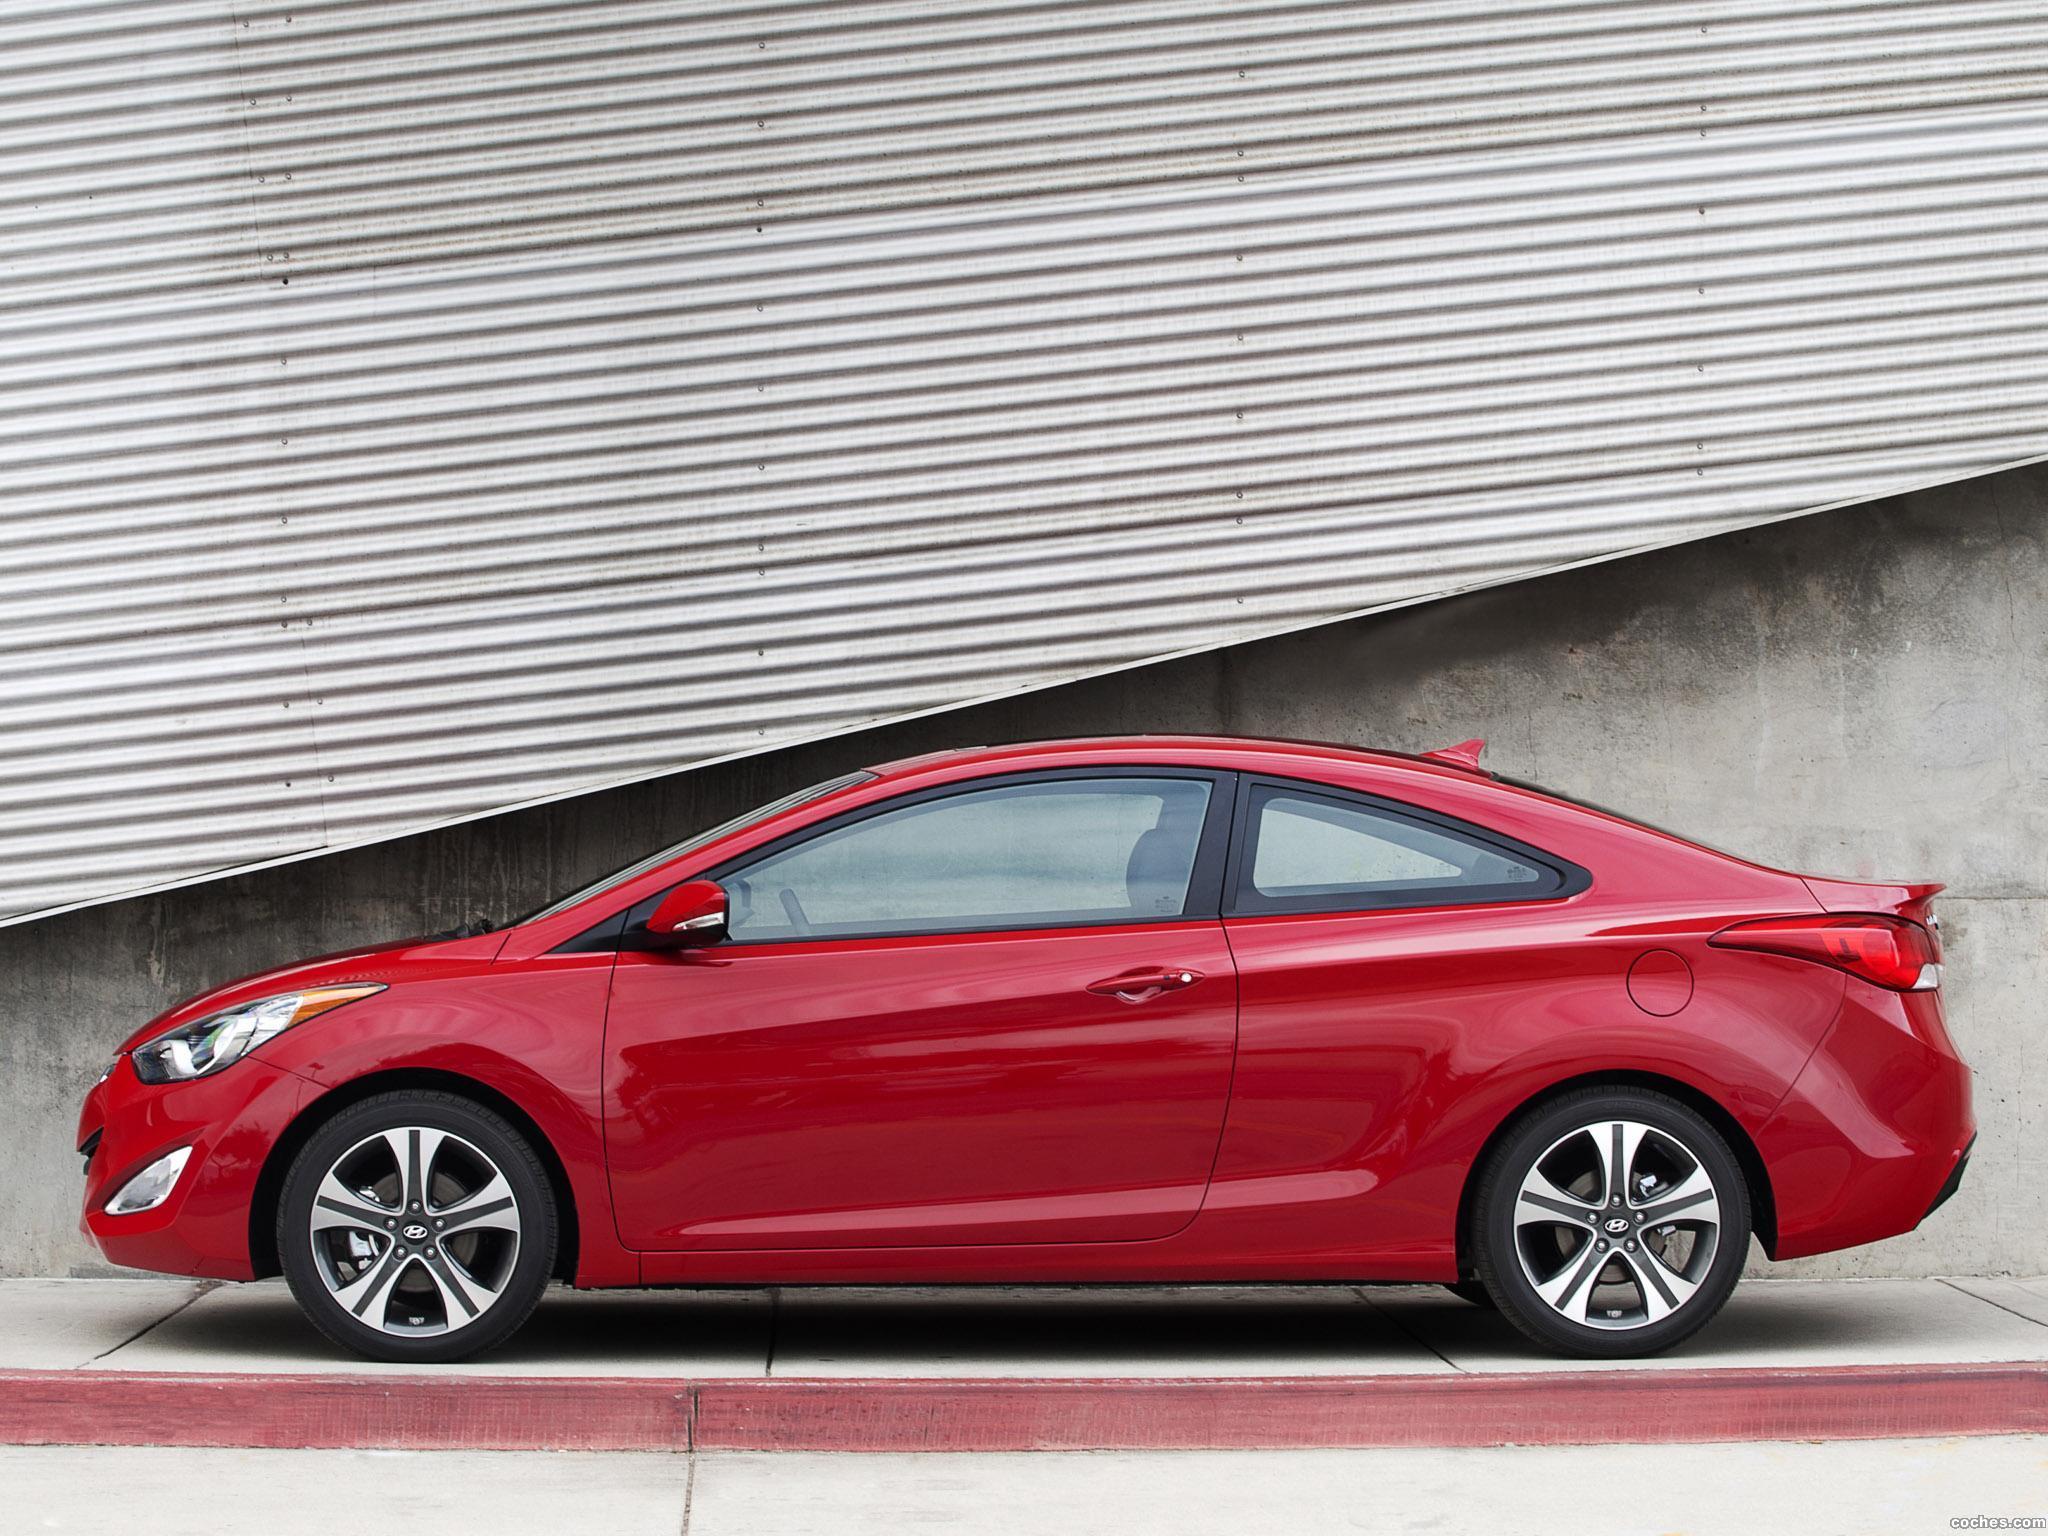 Foto 1 de Hyundai Elantra Coupe USA 2012